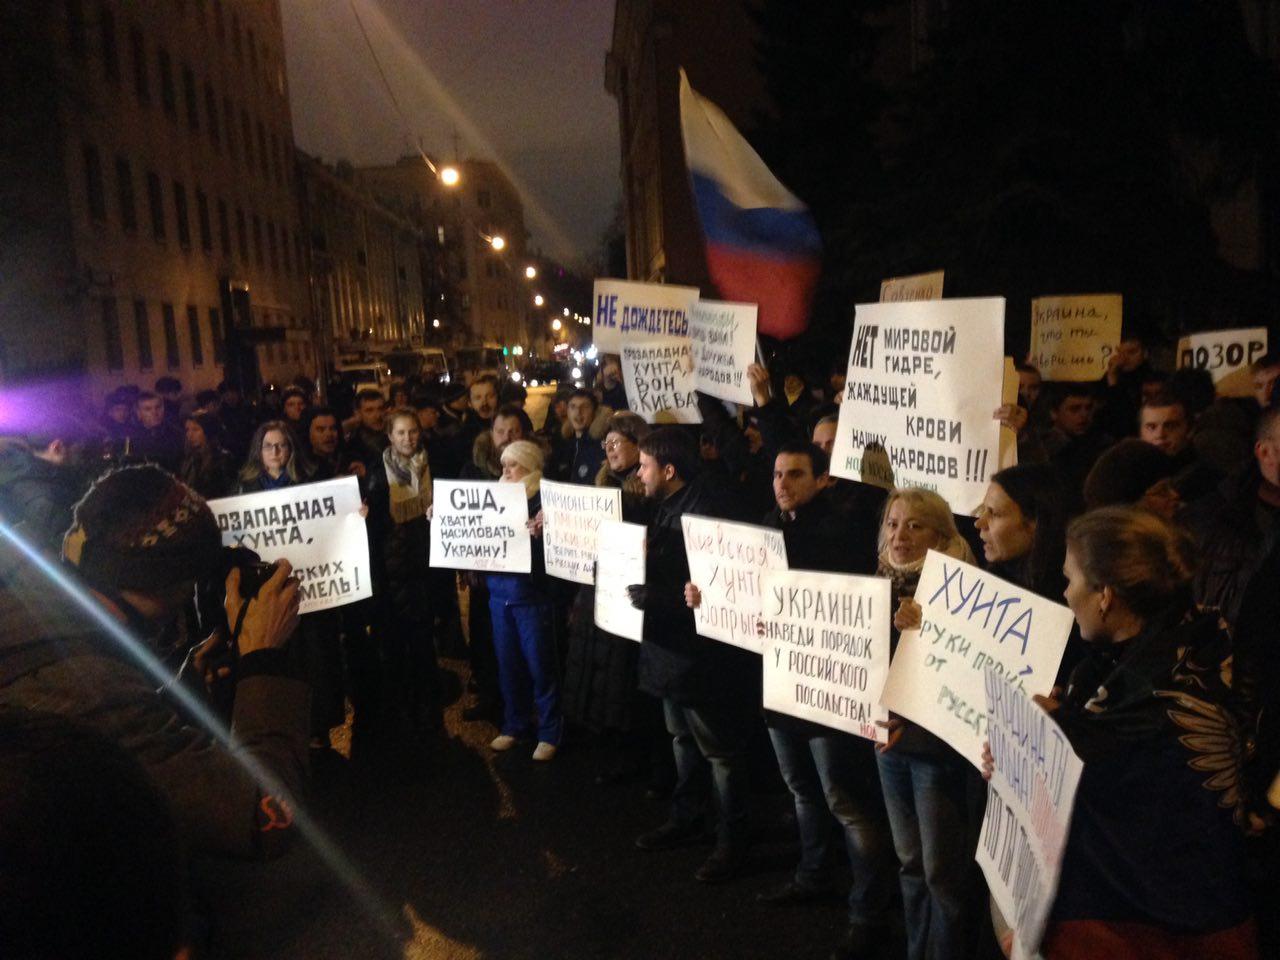 Сотни протестующих собрались у посольства Украины в ответ на субботние события в Киеве